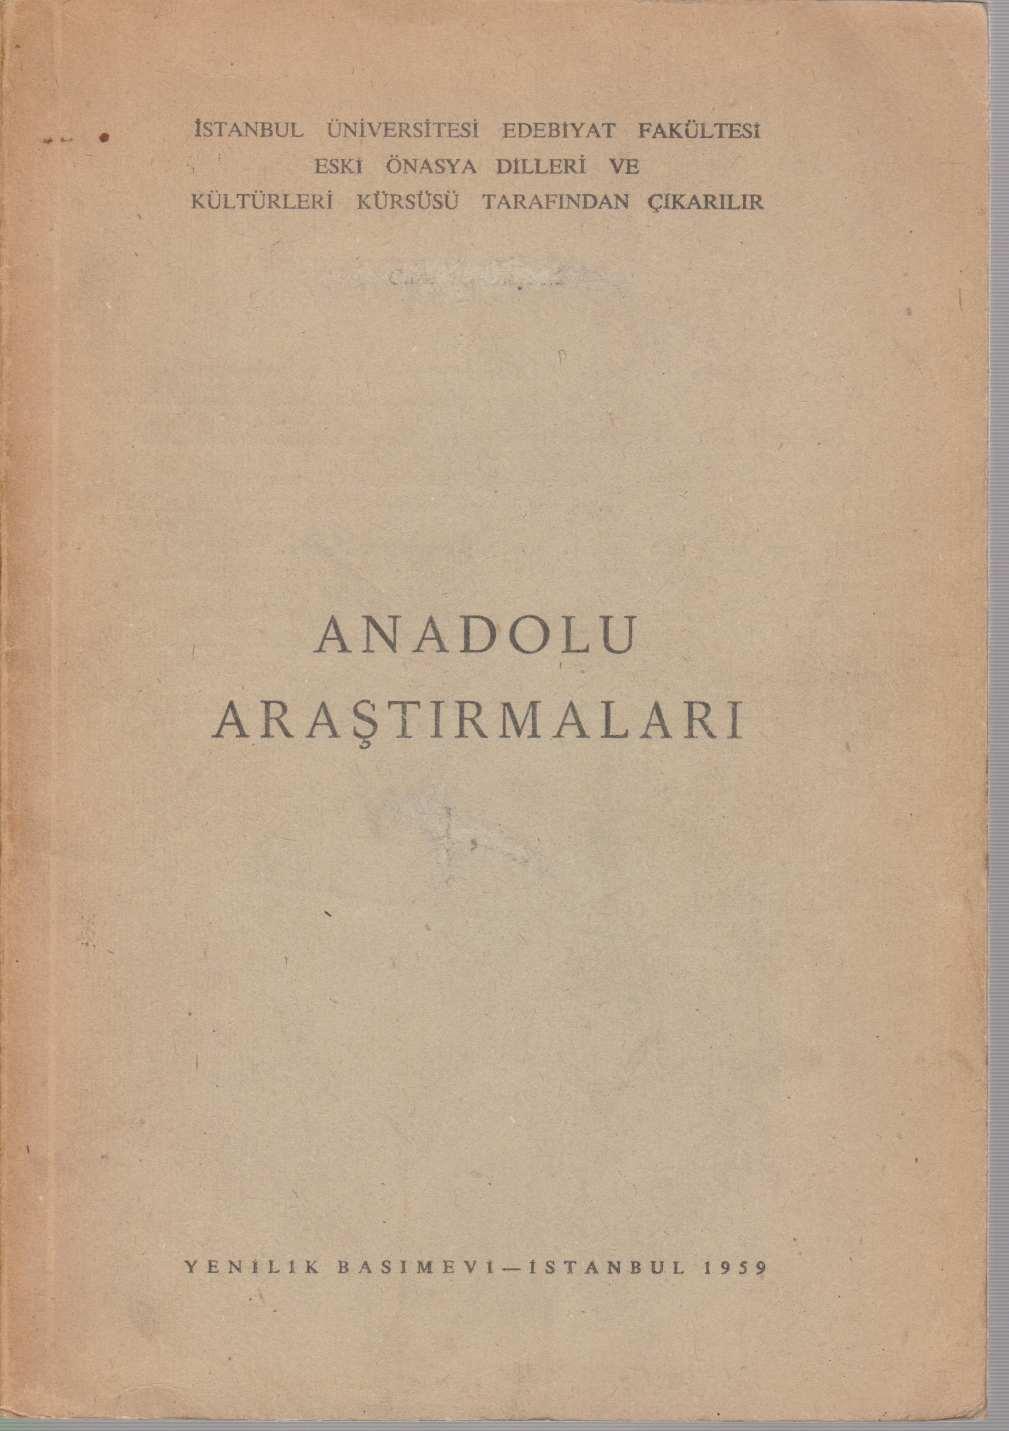 Anadolu Arastirmalari 1,2 / Jahrbuch für Kleinasiatische: Bossert, H. Th.